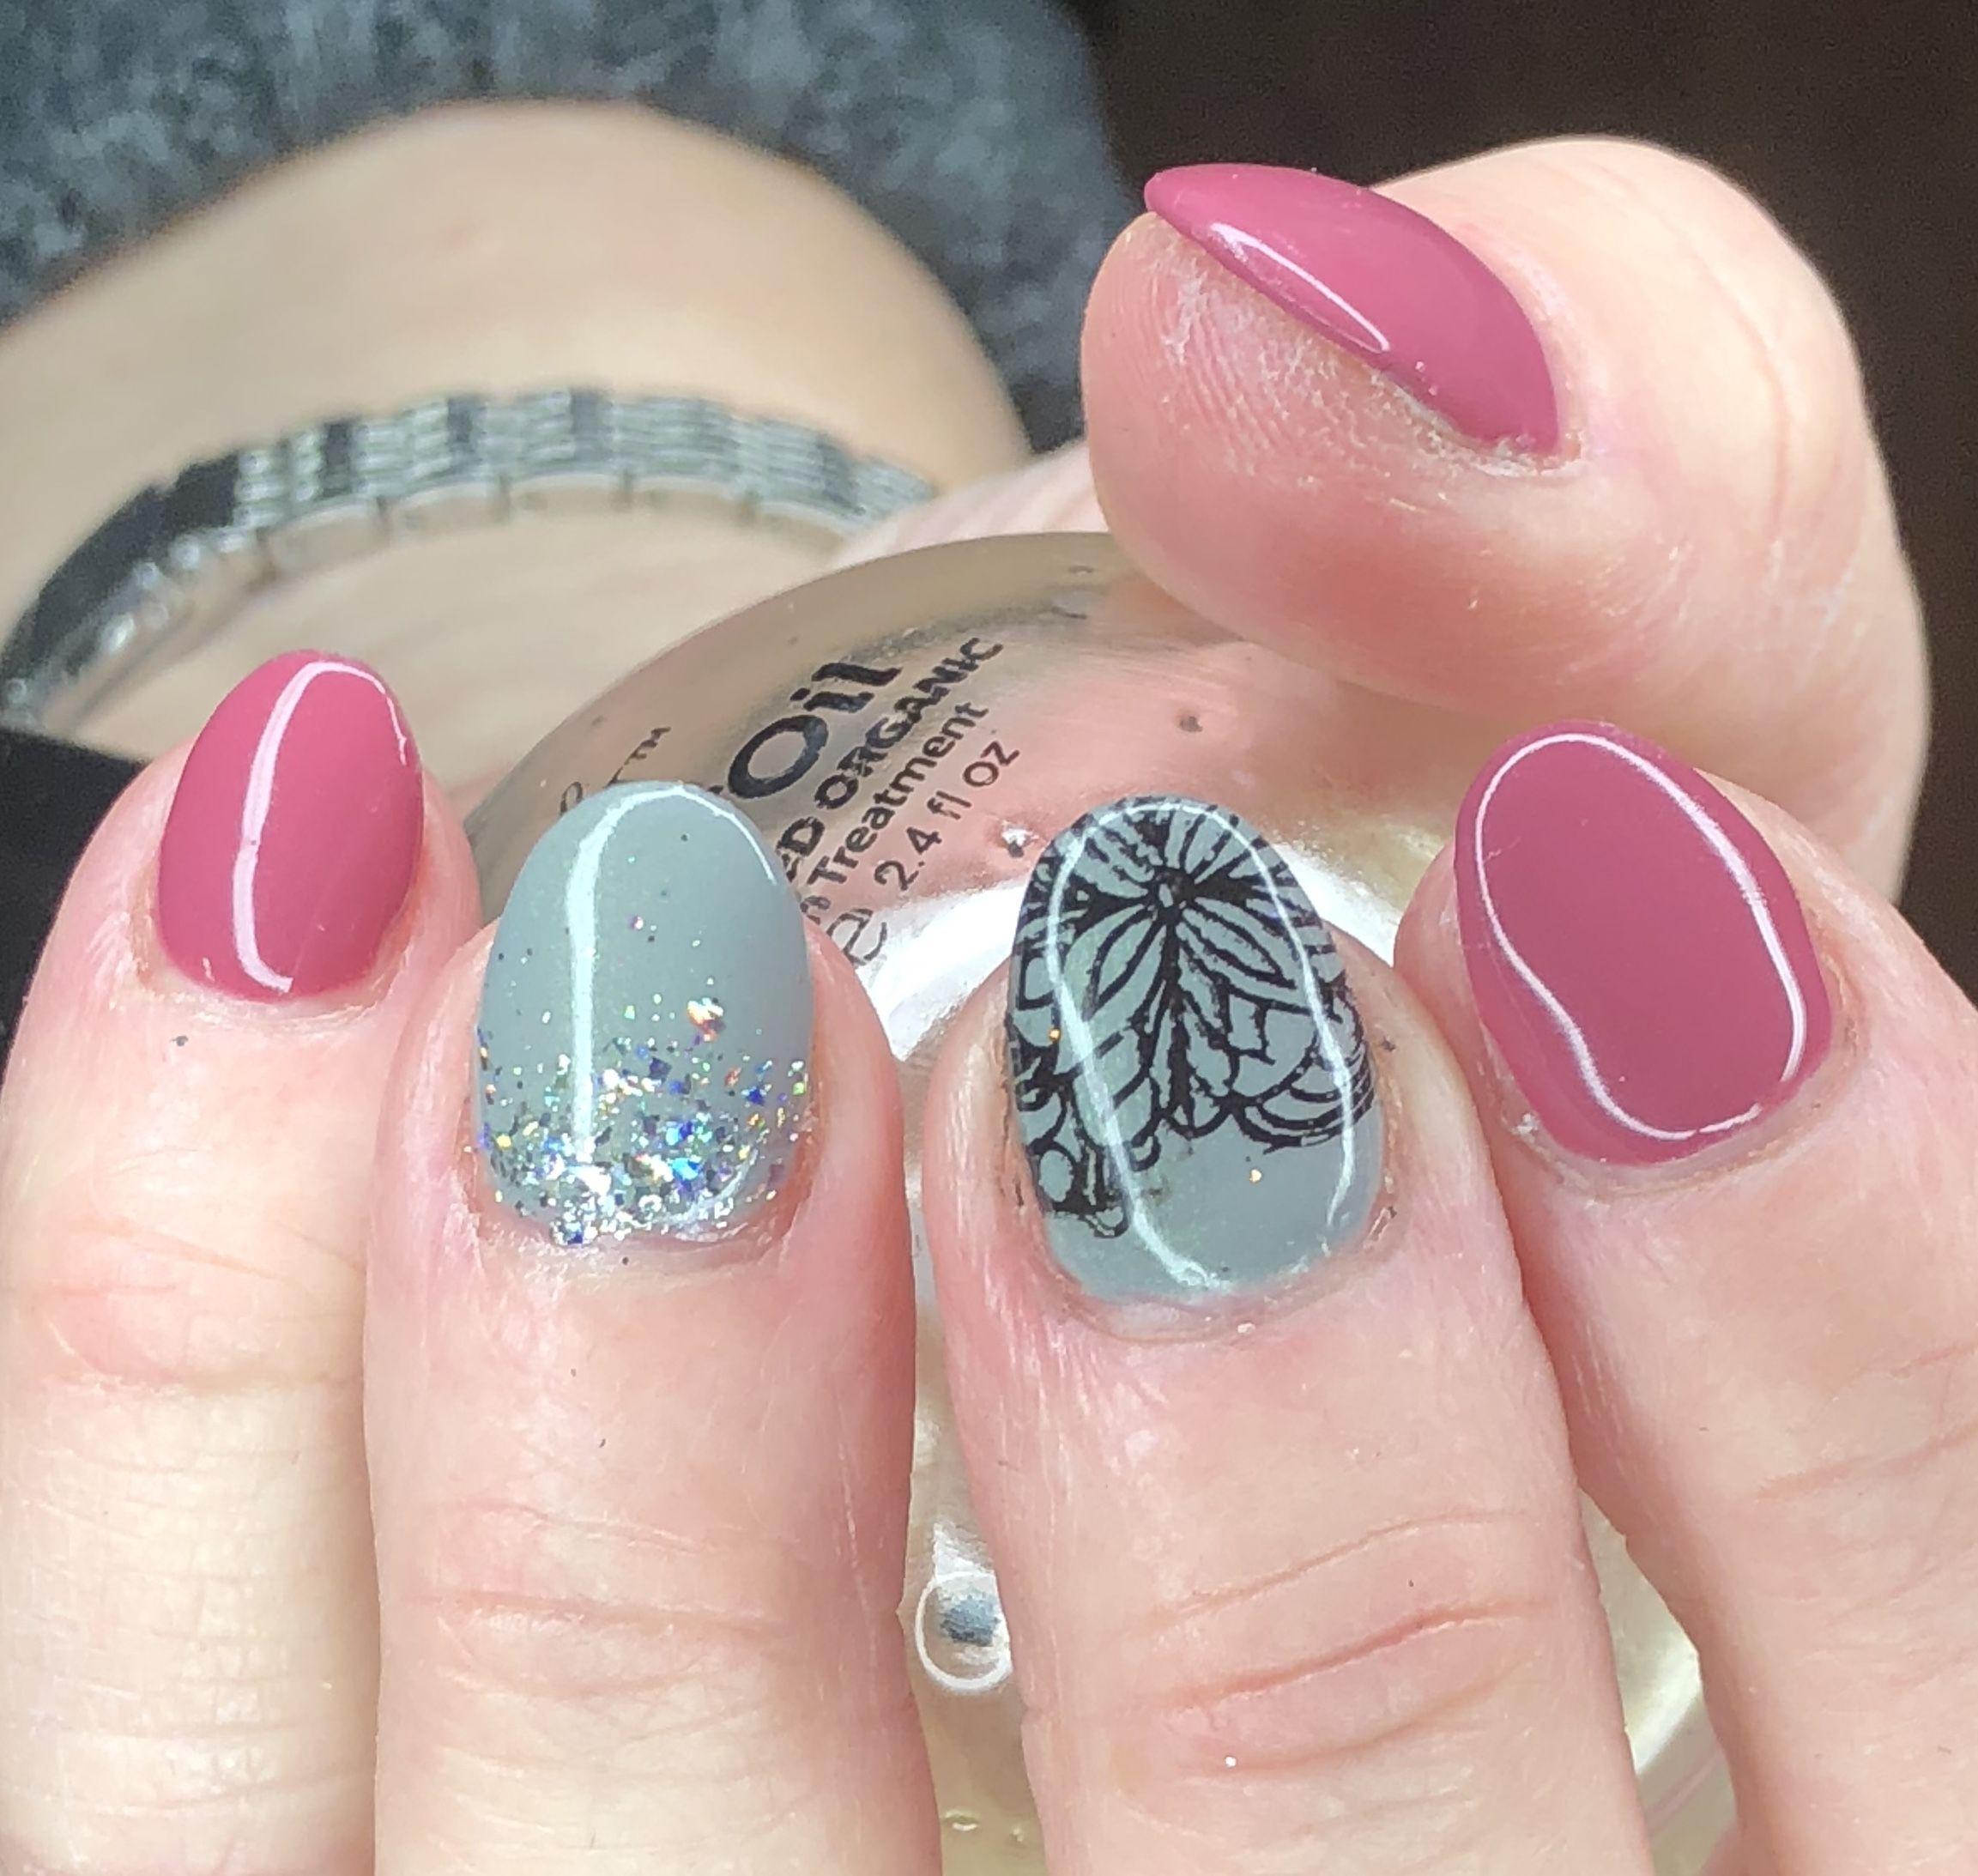 Pin by Sara Kunkel on Sara\'s nail designs | Pinterest | Fabulous nails